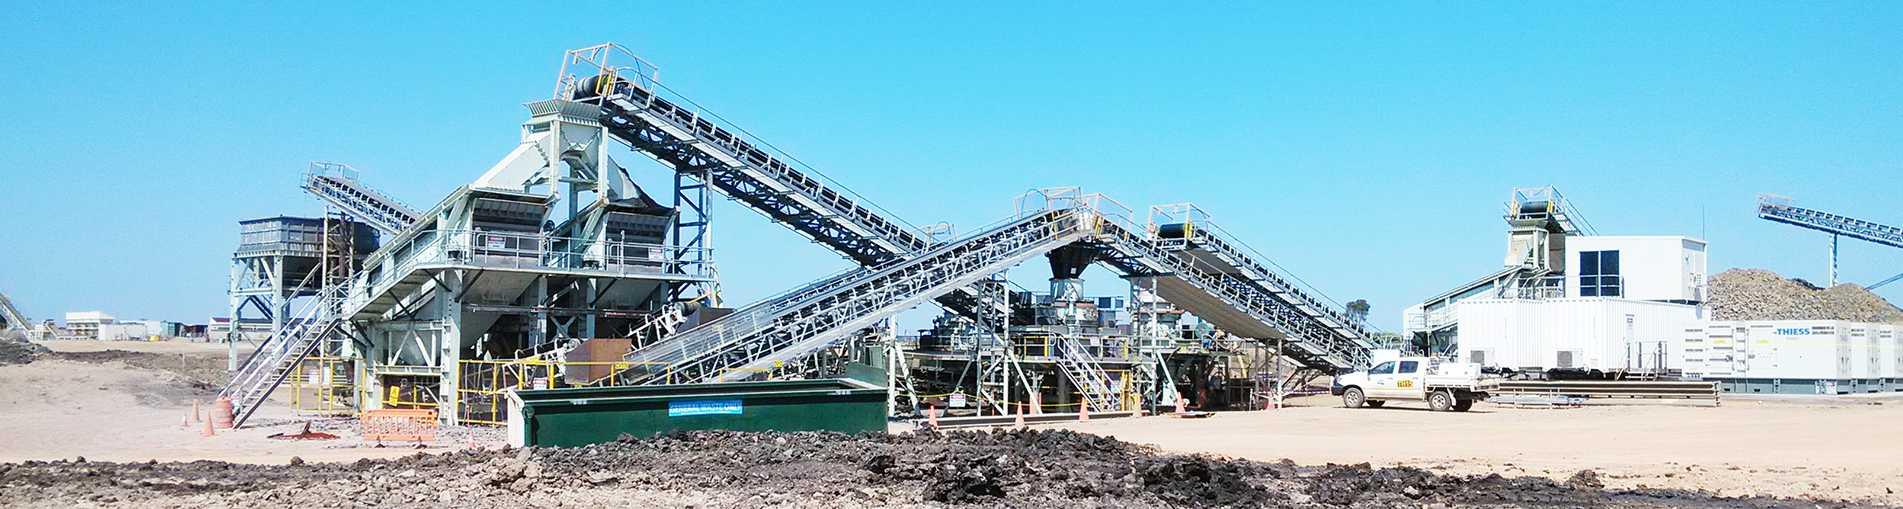 上海西芝矿山工程机械有限公司